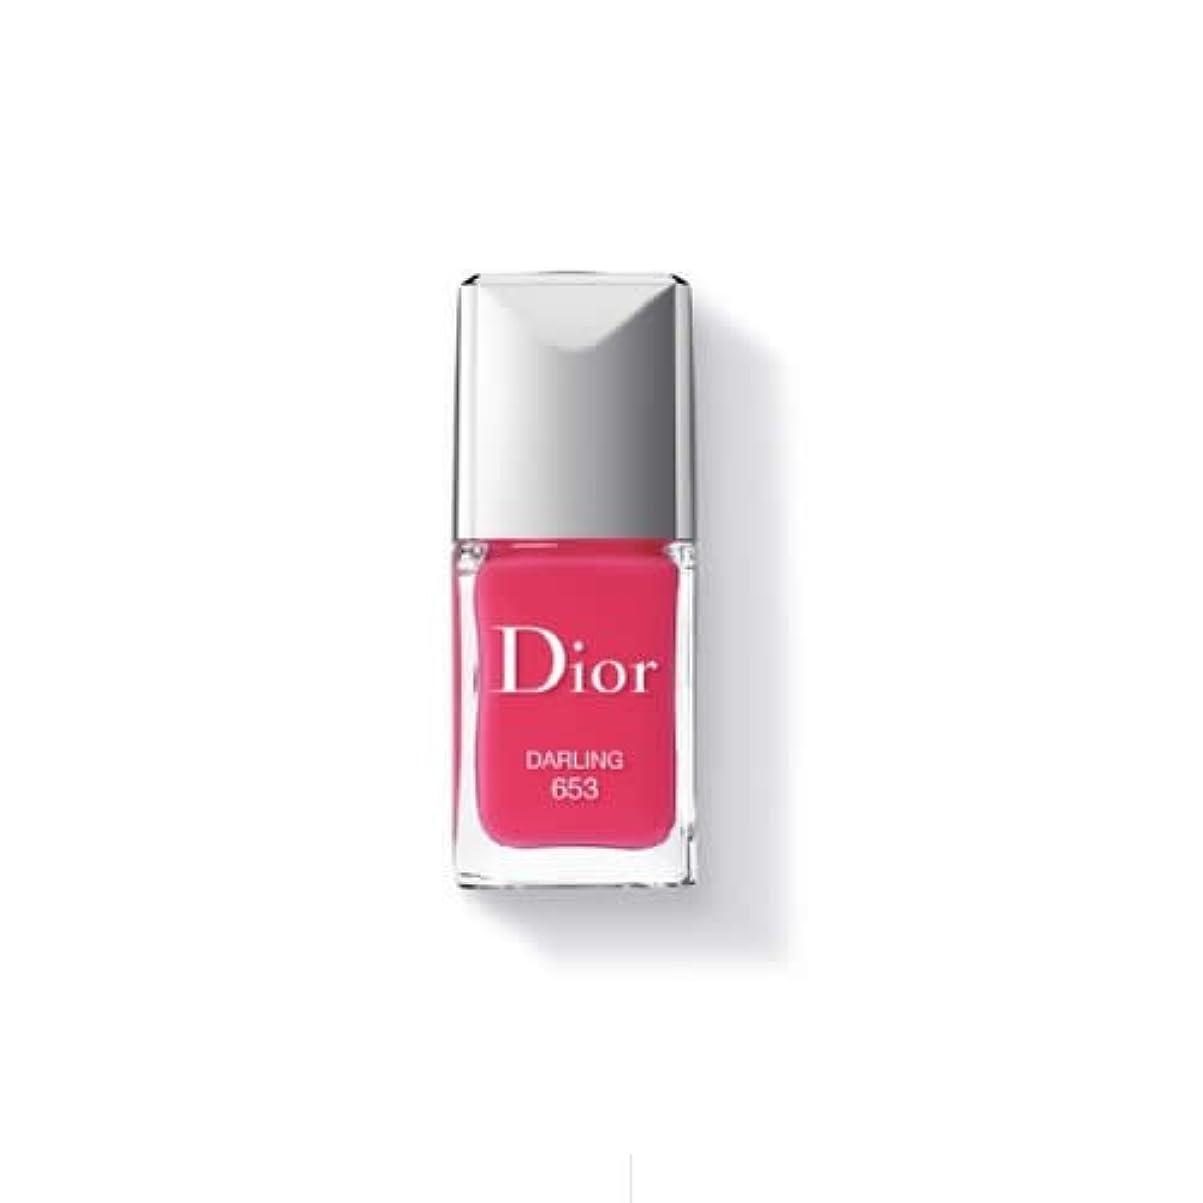 試験寸前ジャケットディオール ヴェルニ #653 ダーリン 10ml クリスチャン ディオール Christian Dior 訳あり